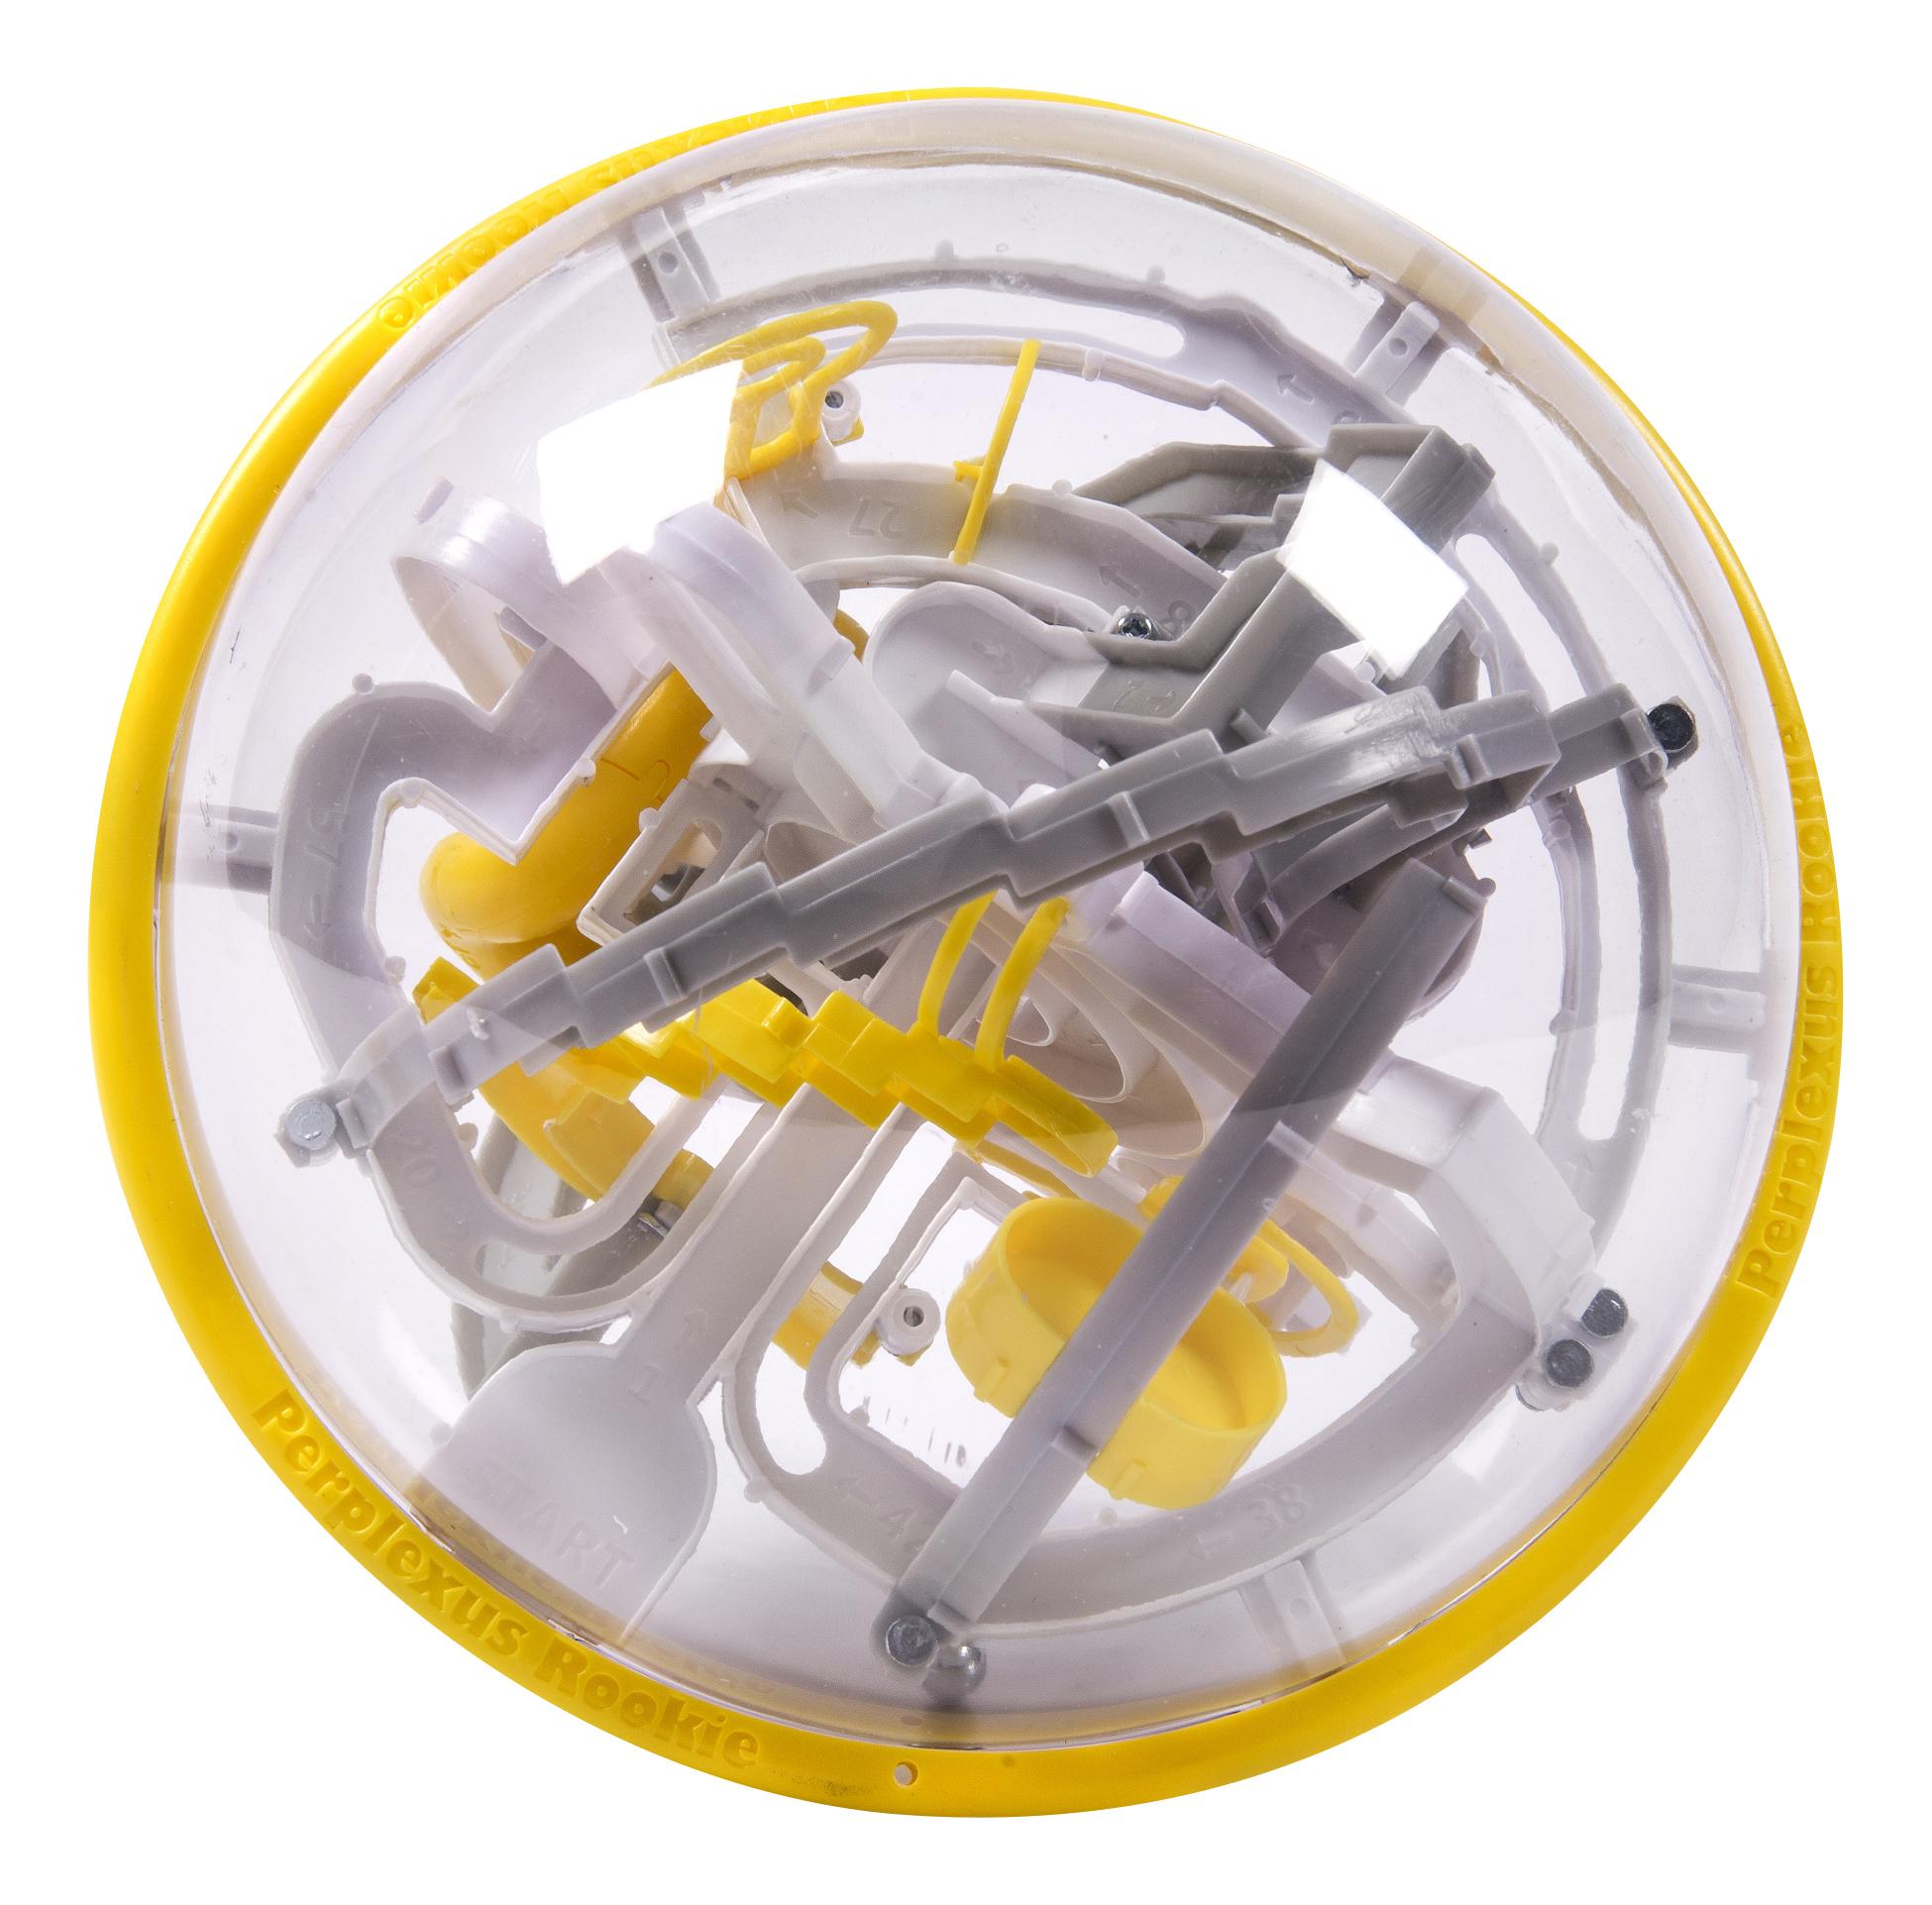 Купить Настольная игра логическая Spin master головоломка Perplexus Rookie. 70 барьеров (34176), Логические игры